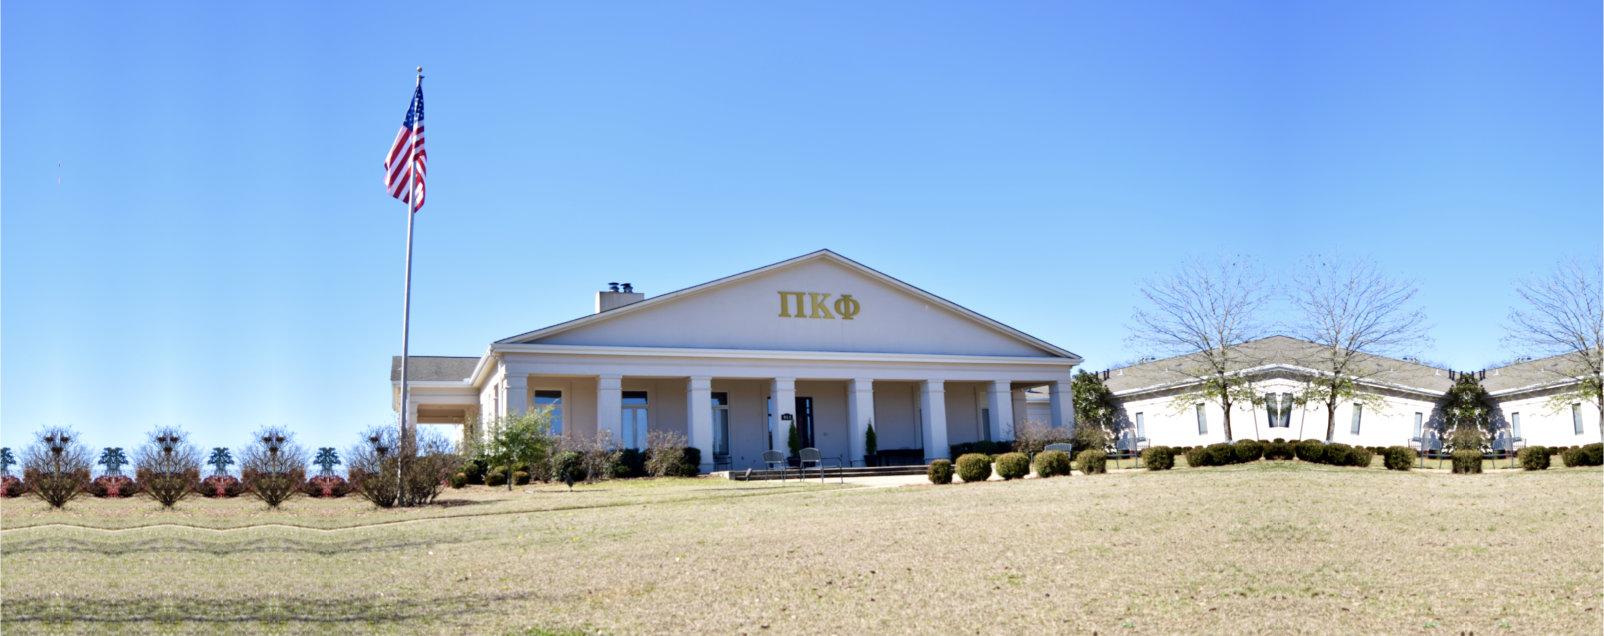 IIK house